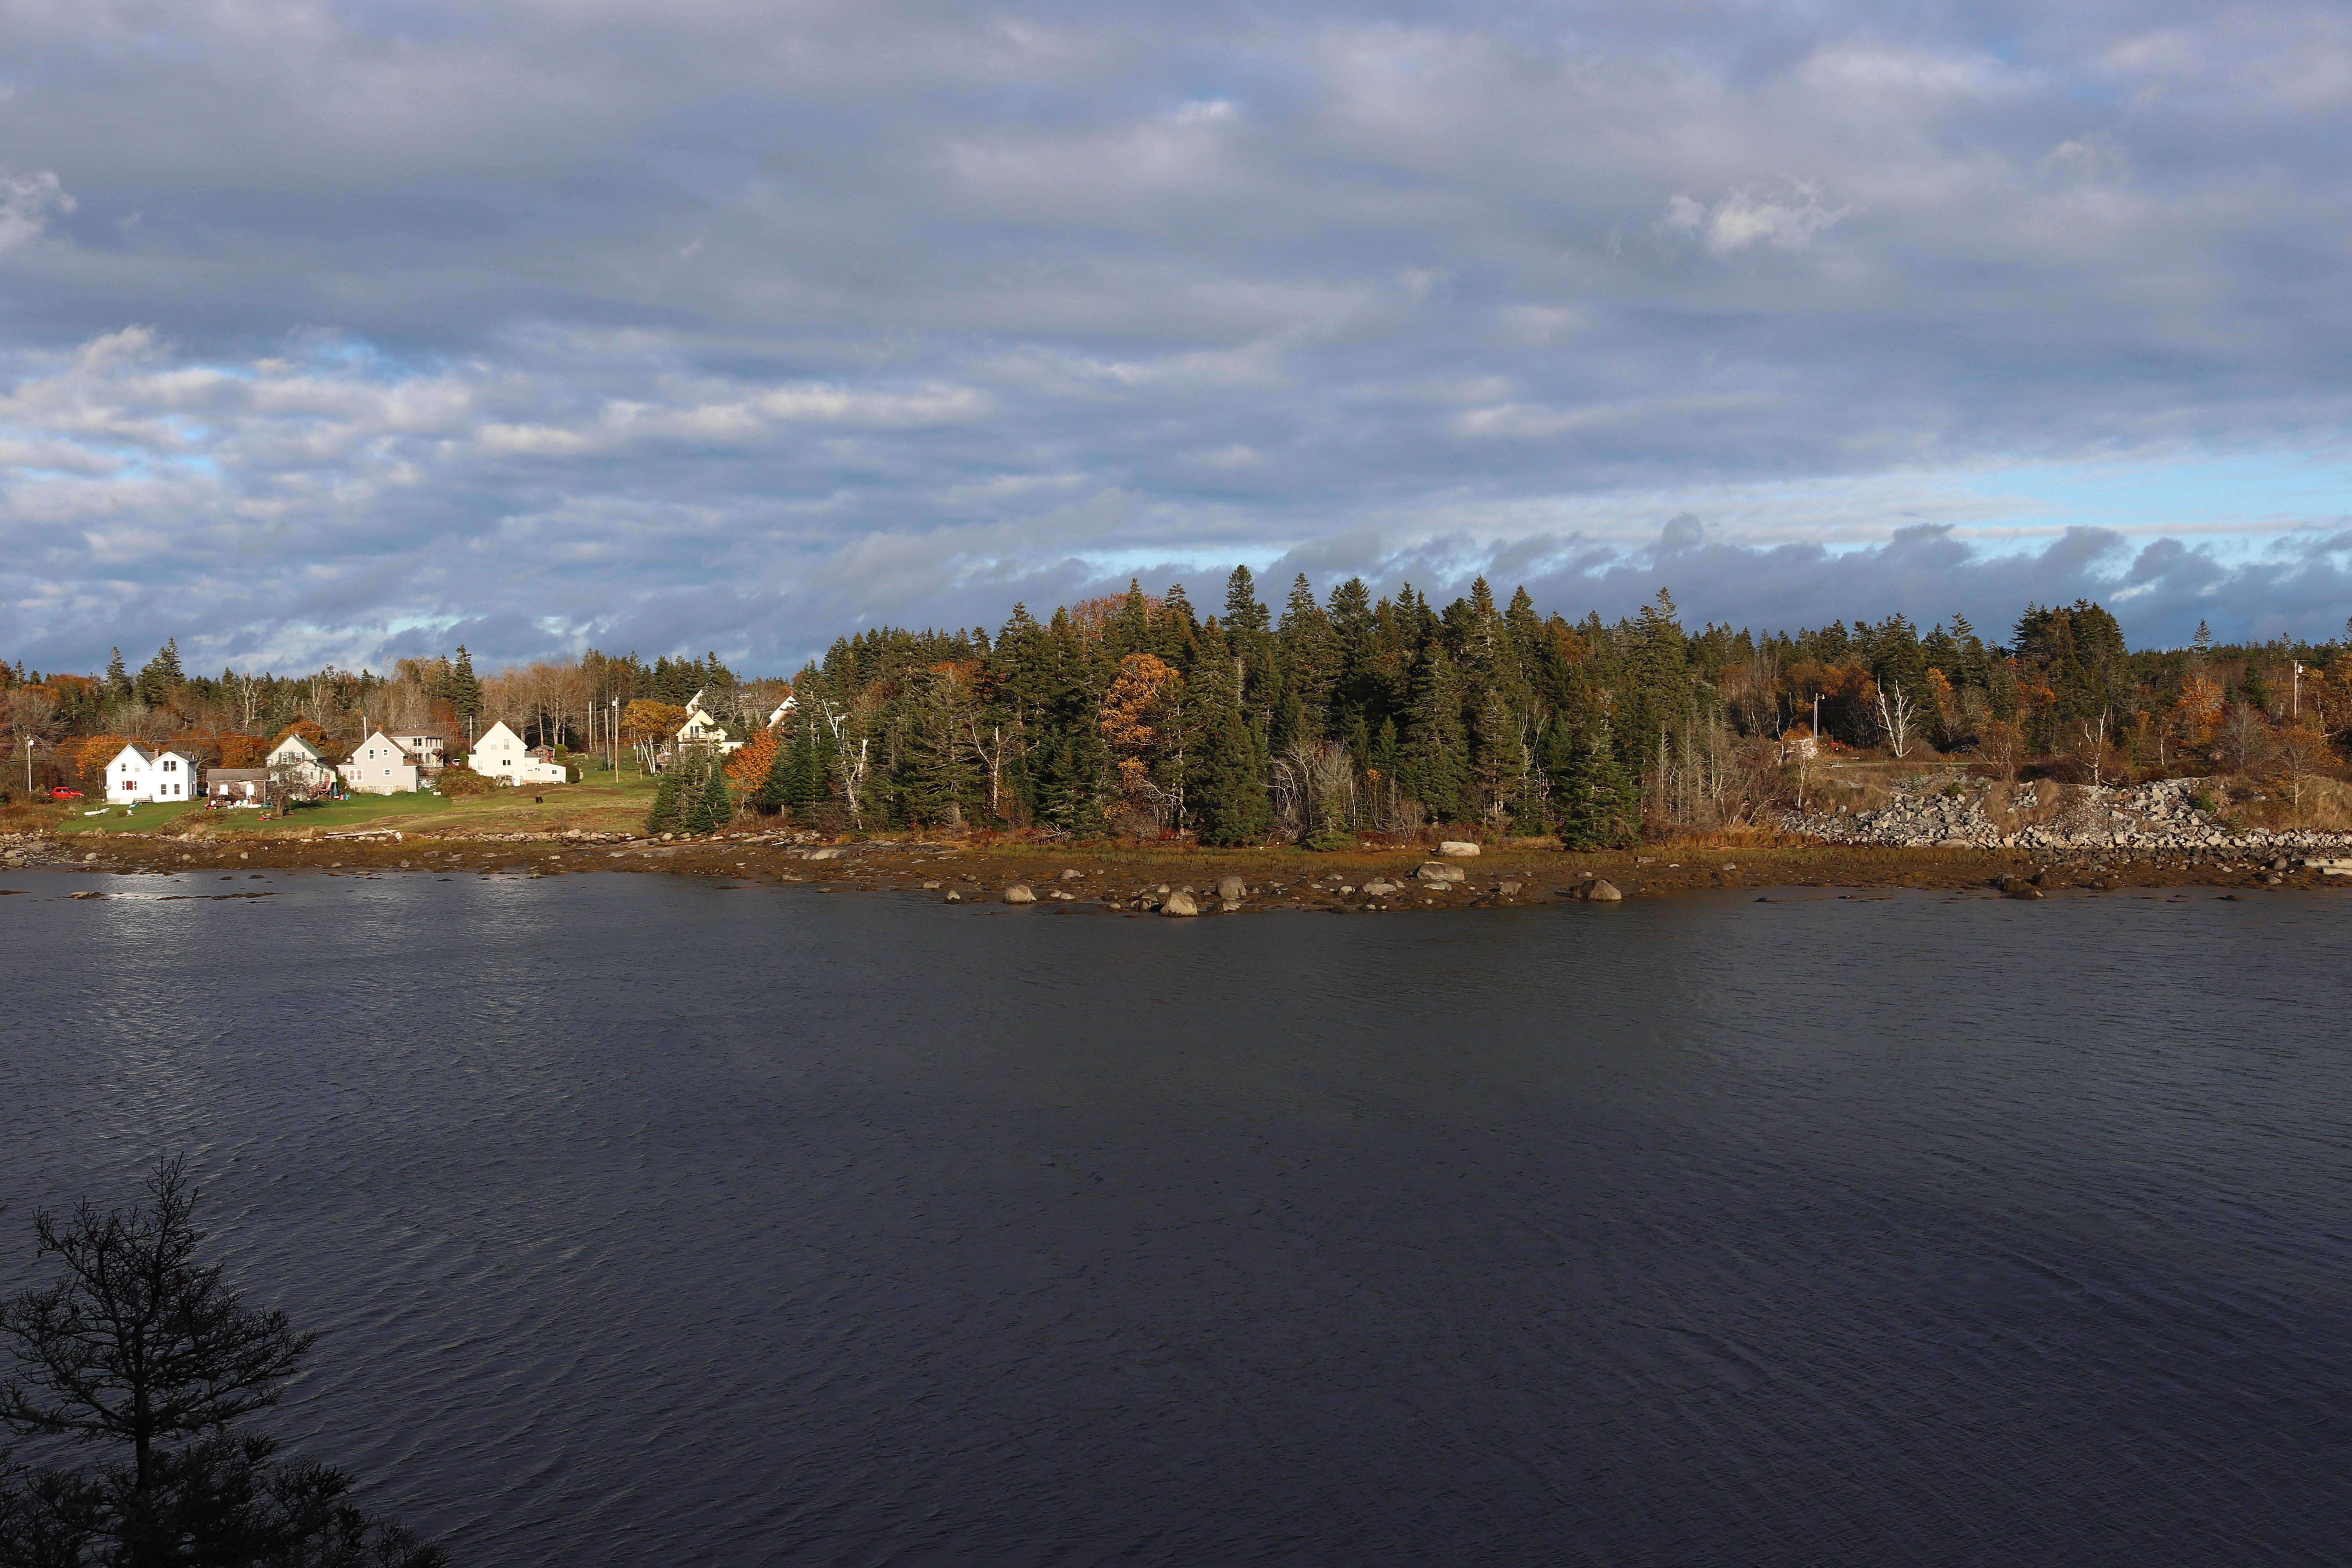 Vinalhaven View